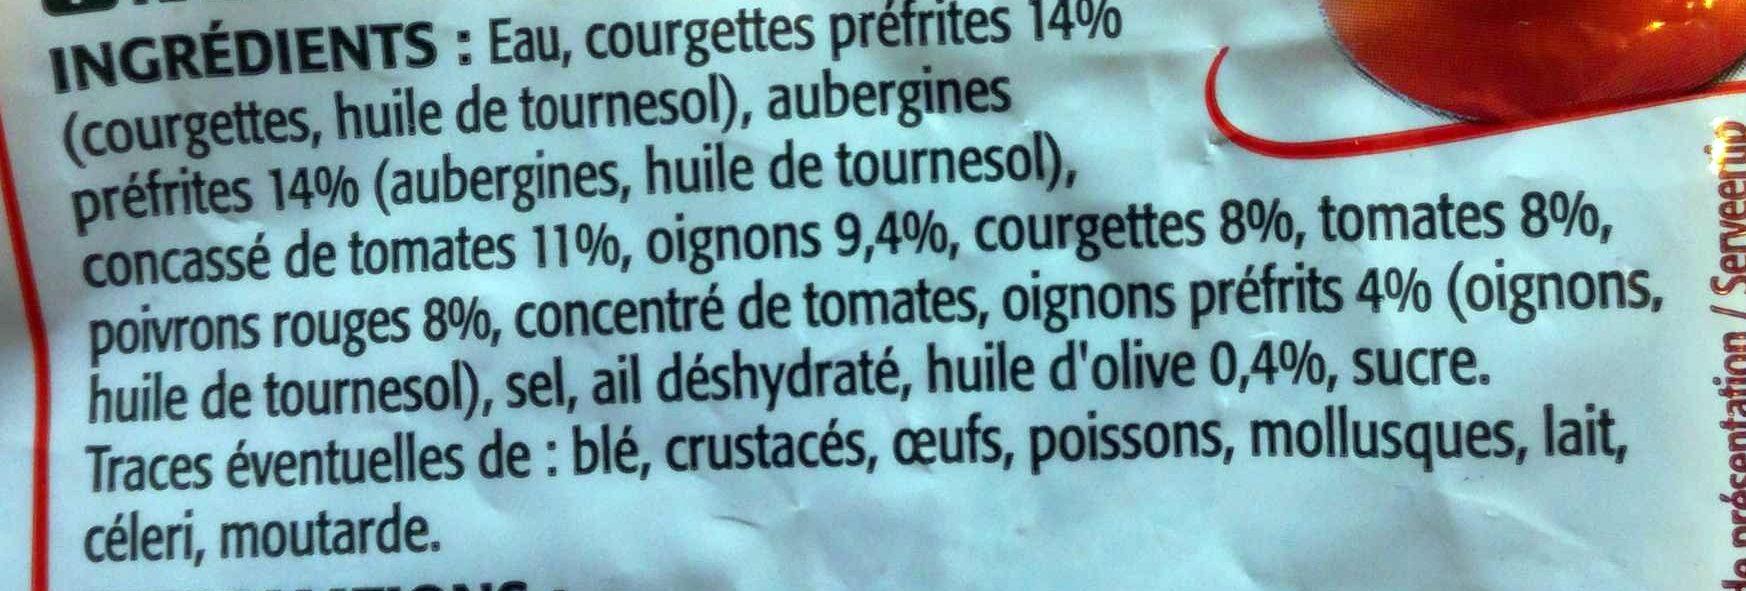 Les cuisinés - Ingrédients - fr